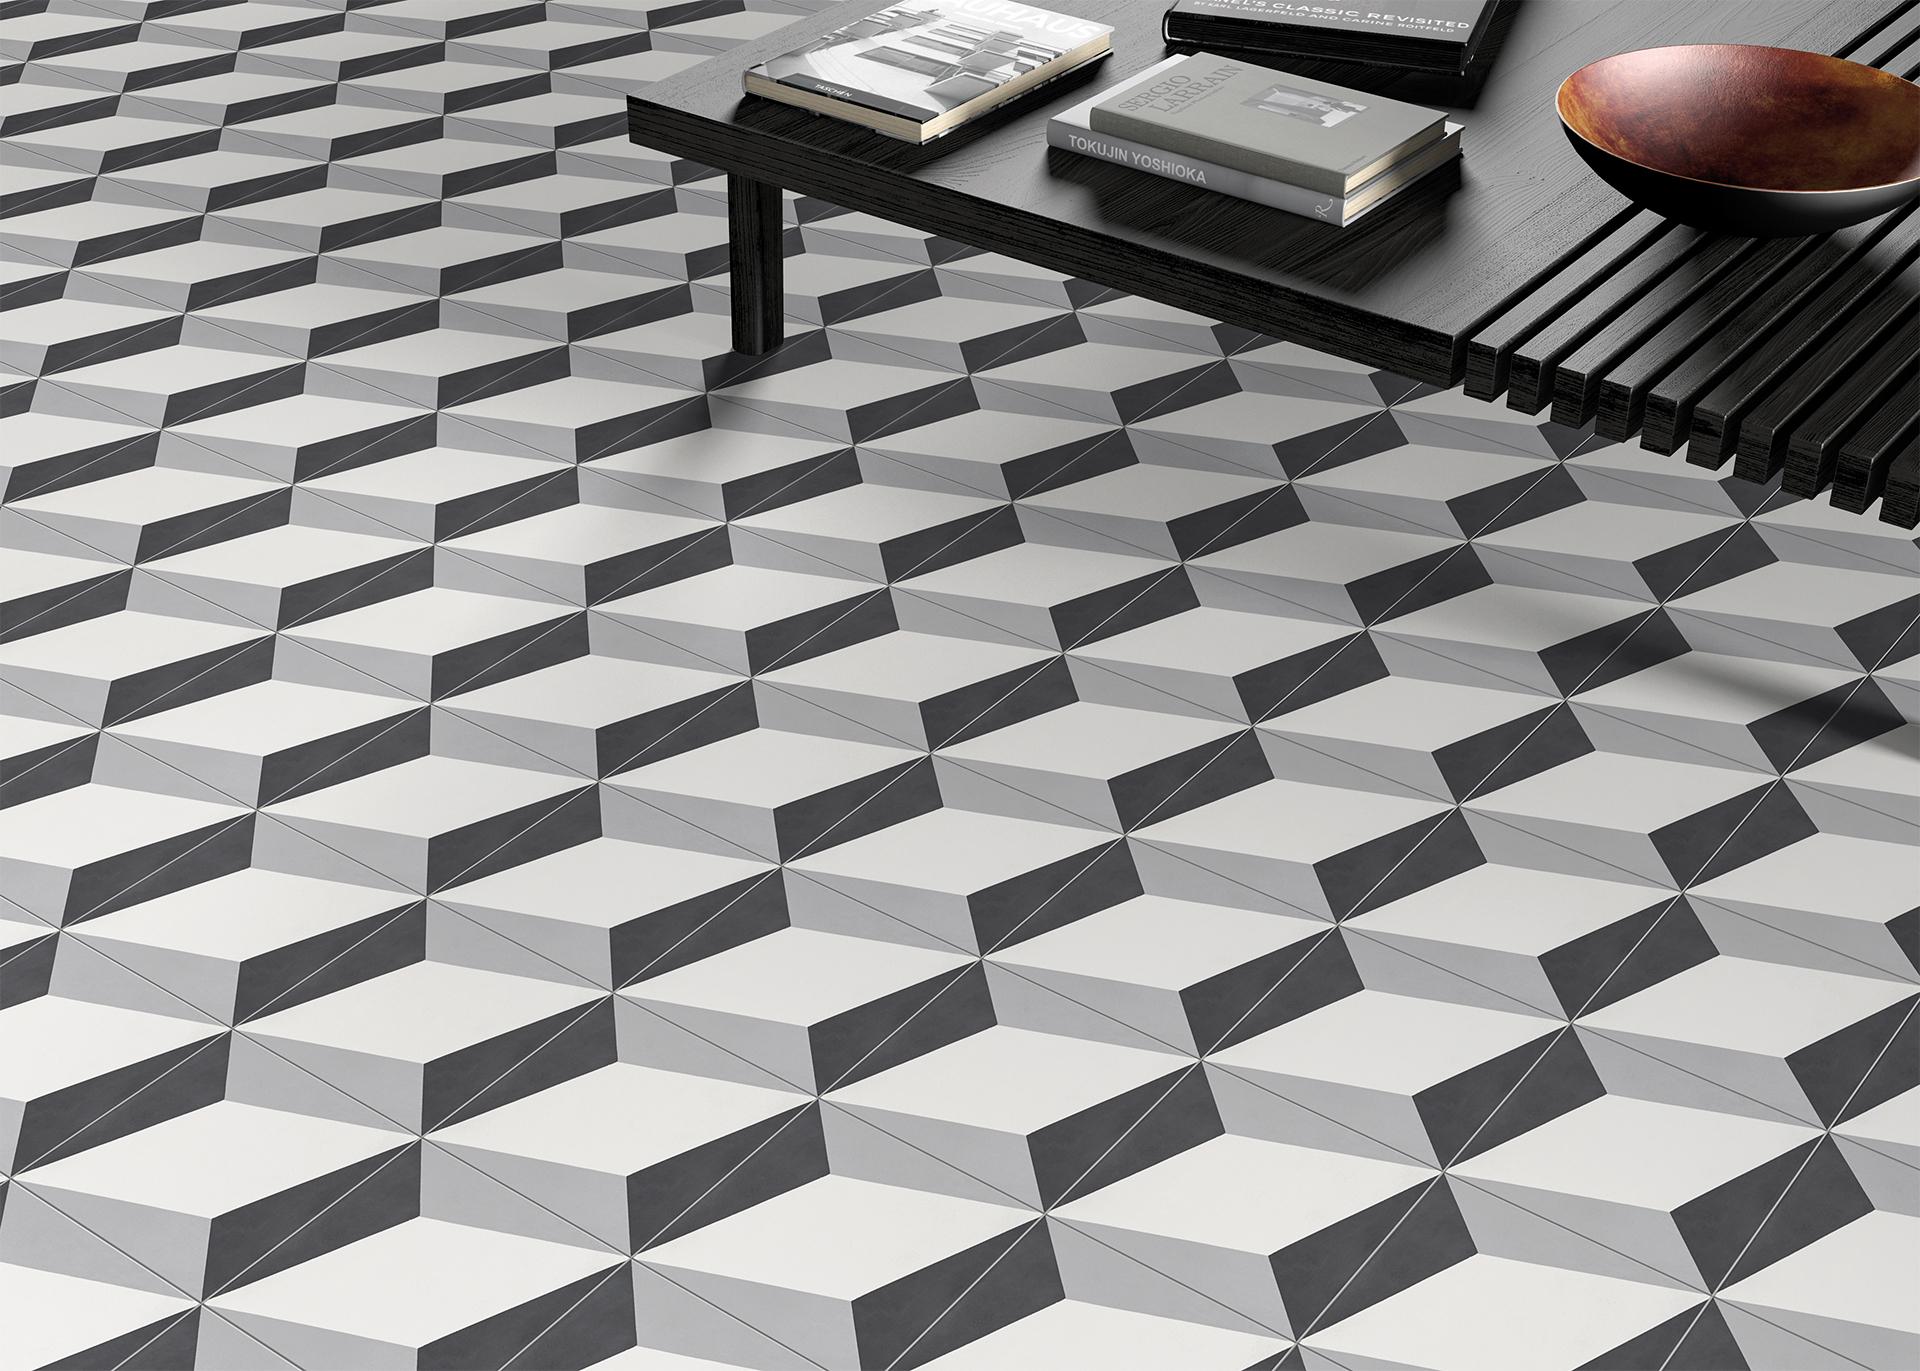 Carreau De Ciment Cimi69, Forme Géométrique 20X20 | Bigmat dedans Optique De Carreaux De Ciment